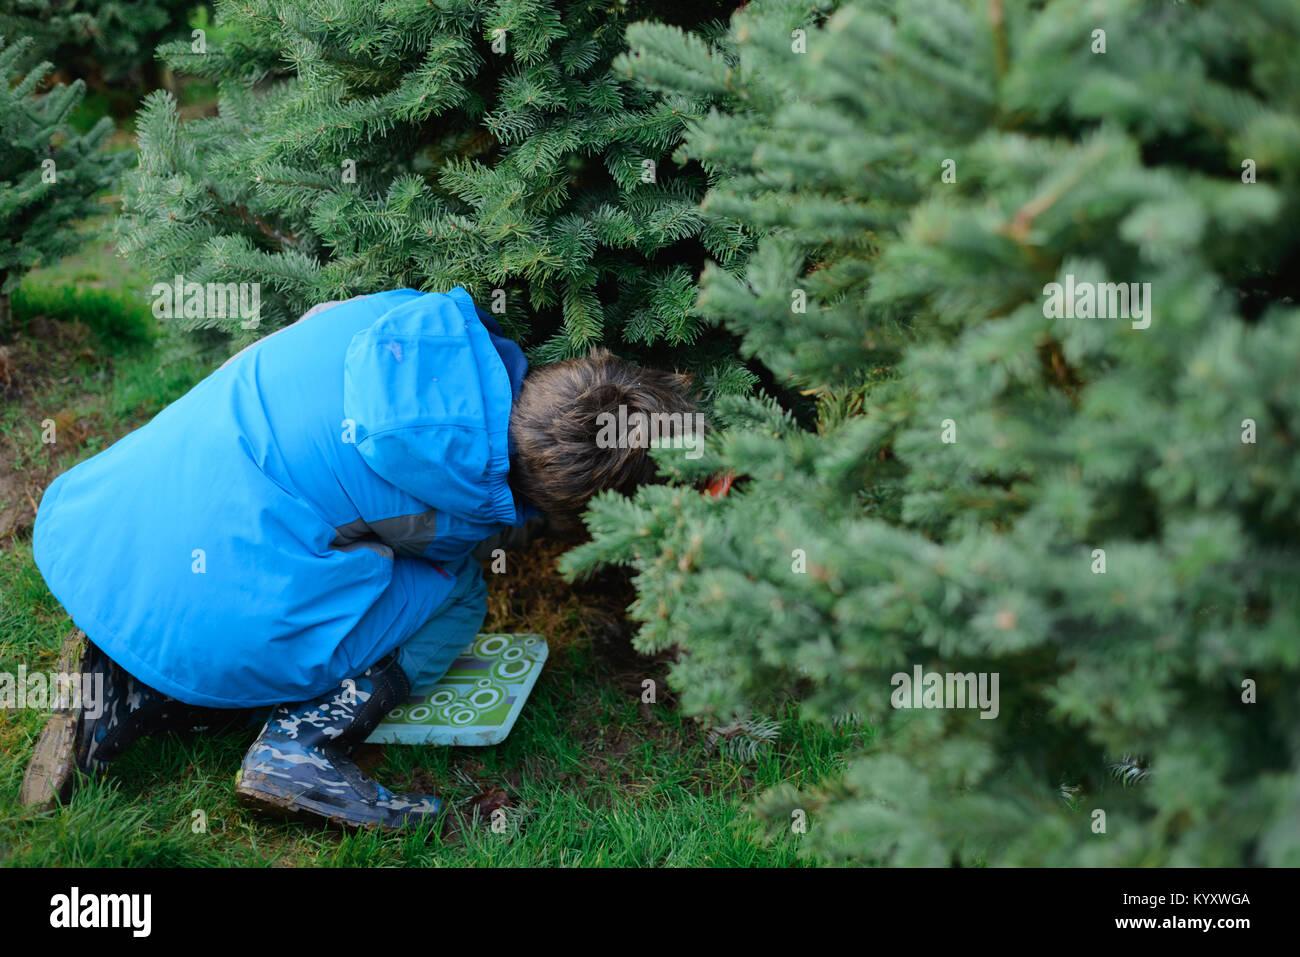 La longitud total del muchacho por árboles de Navidad en la granja Imagen De Stock